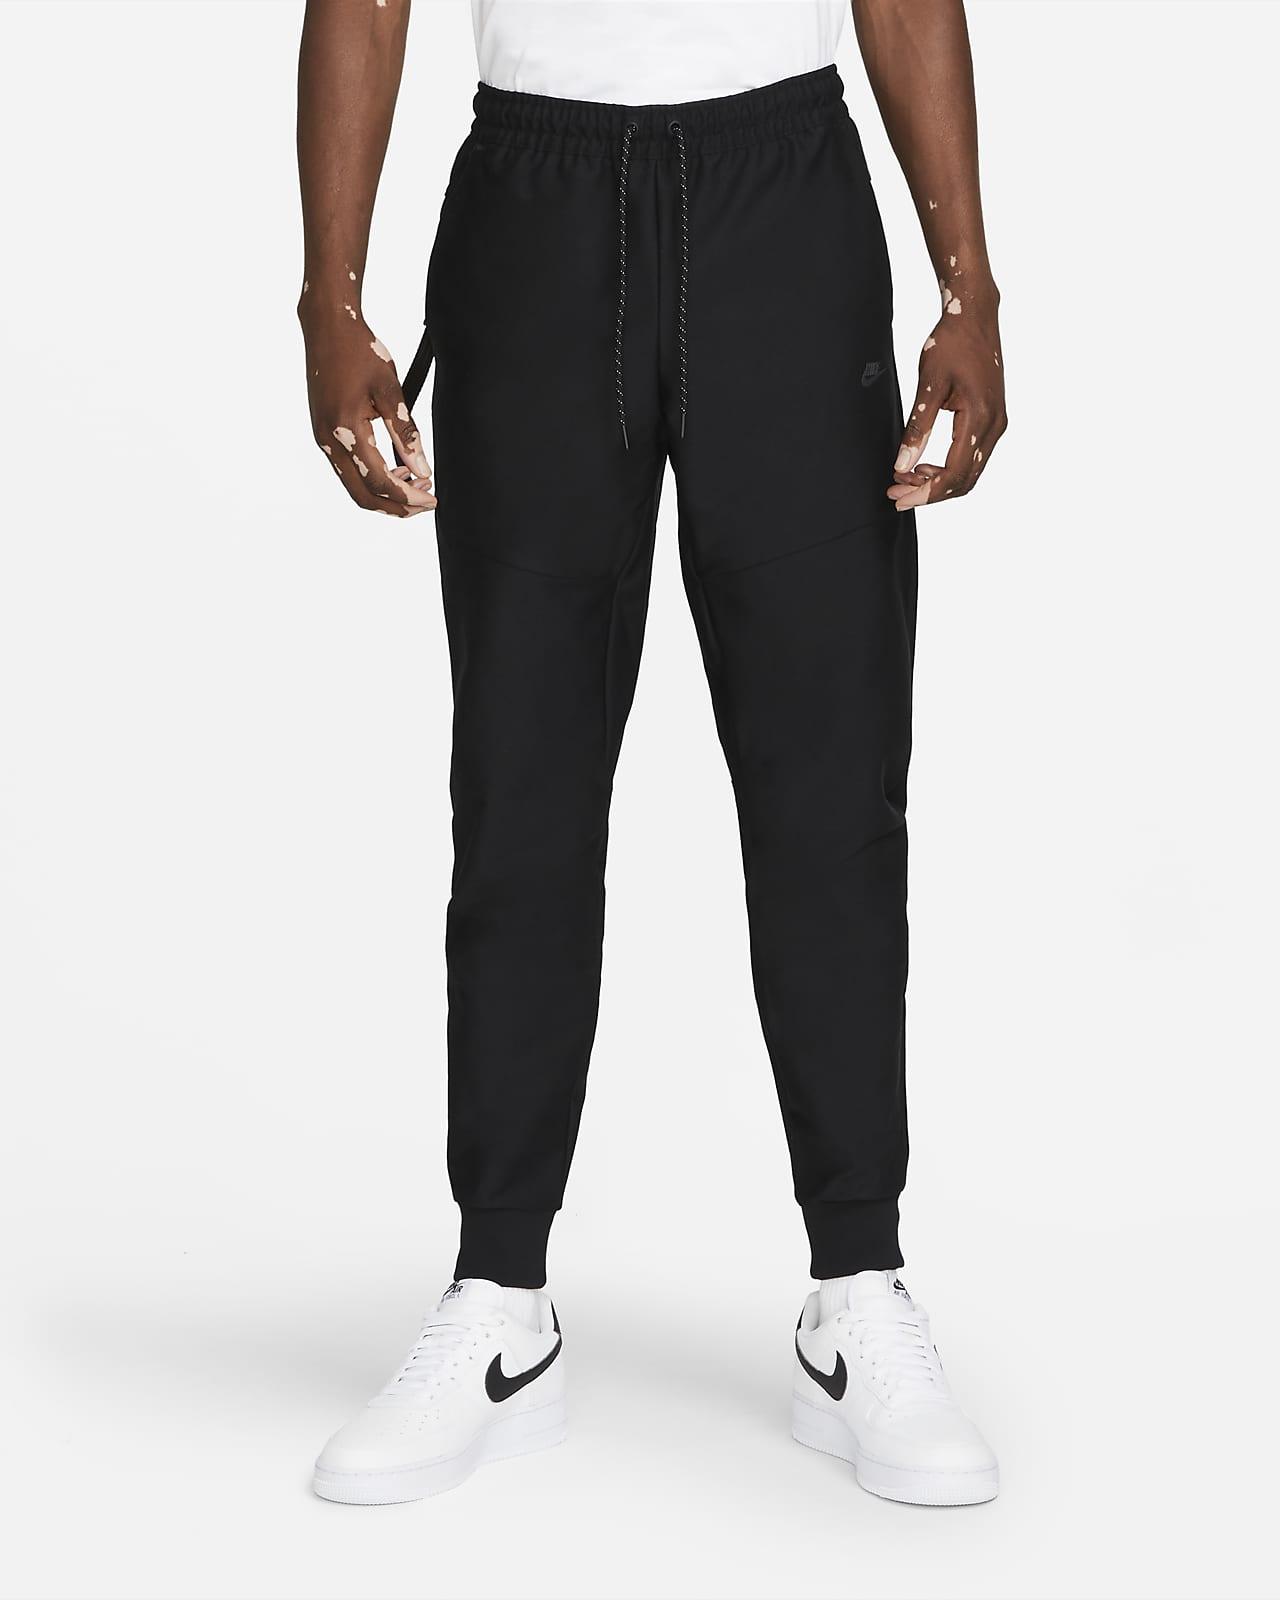 Nike Sportswear Dri-FIT Tech Pack-løbebukser uden for til mænd